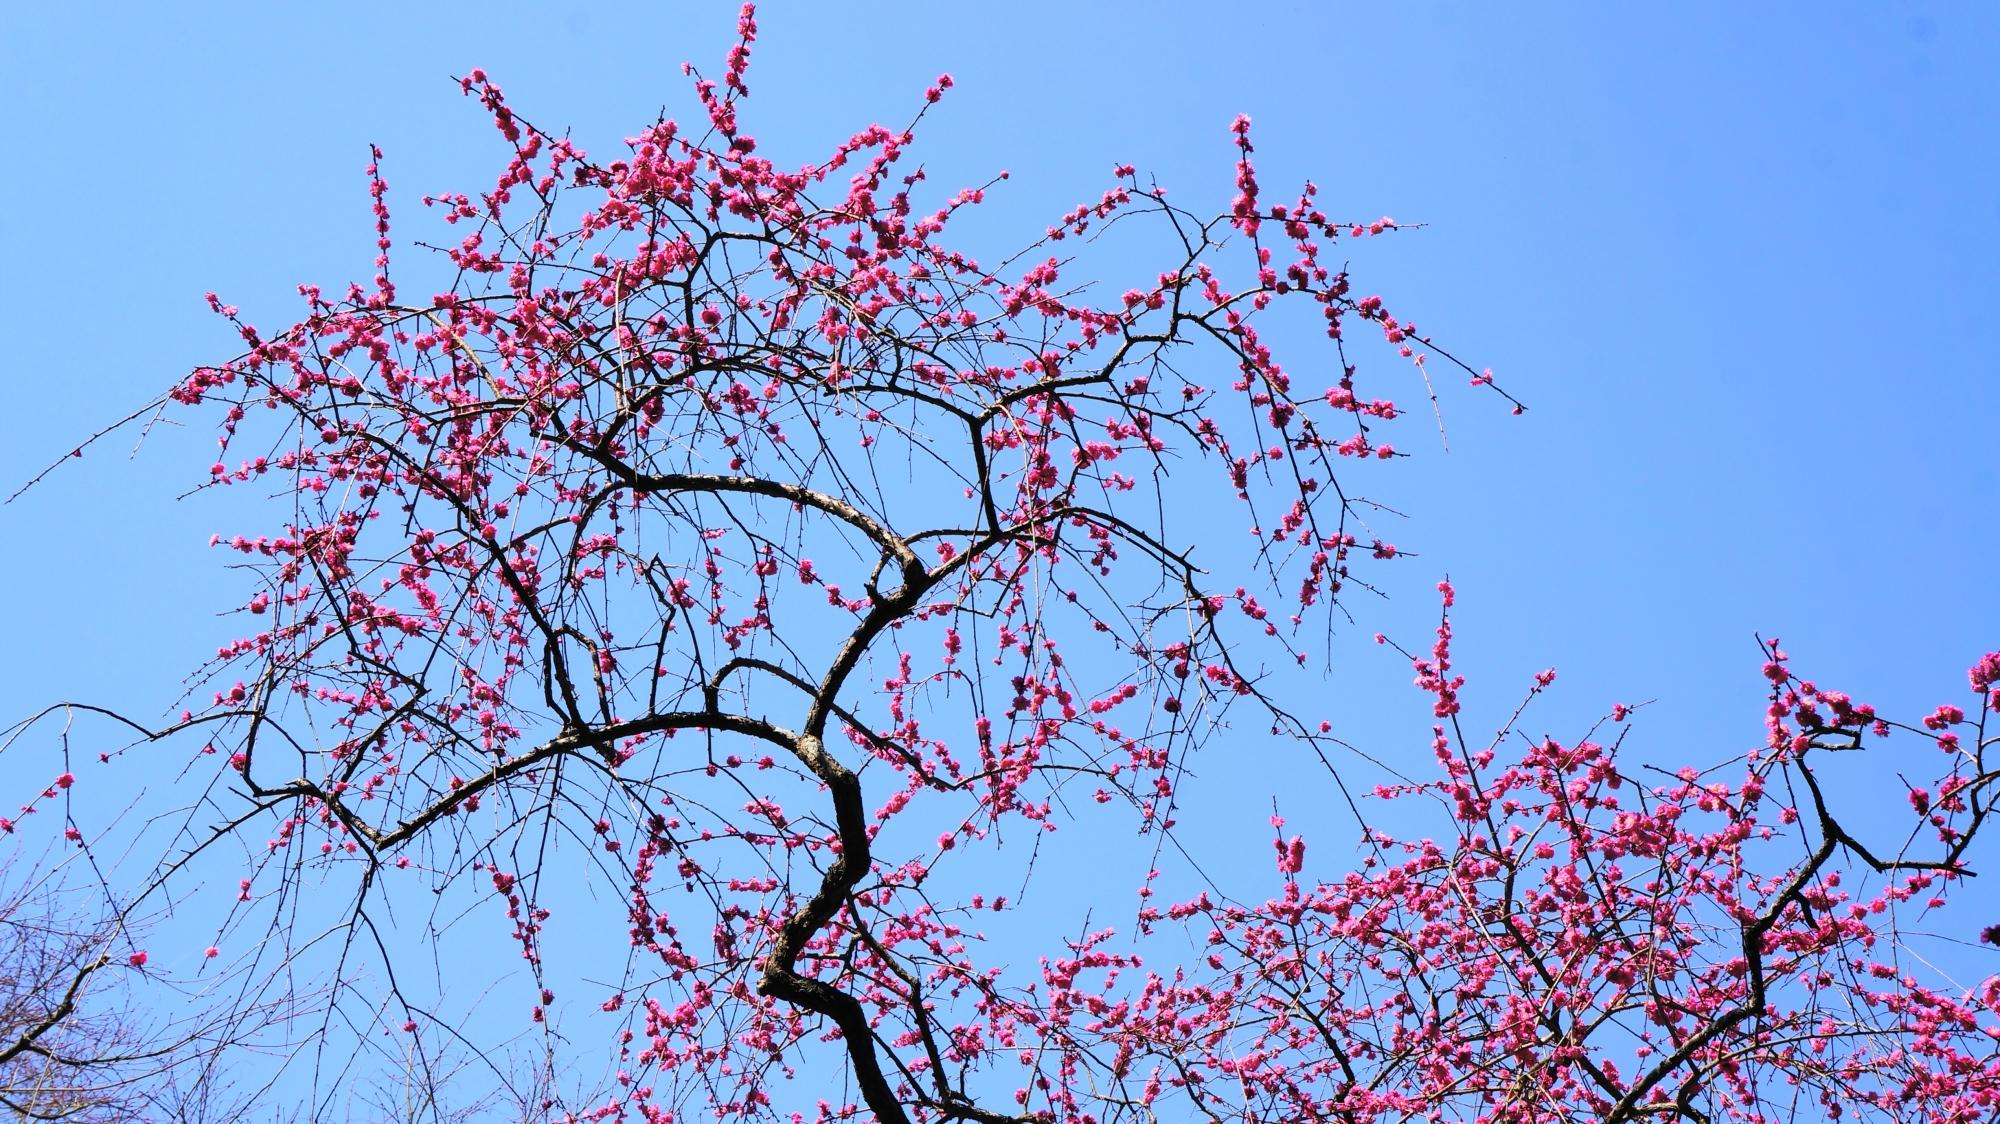 いろんな方向にカクカクと伸びる梅の枝